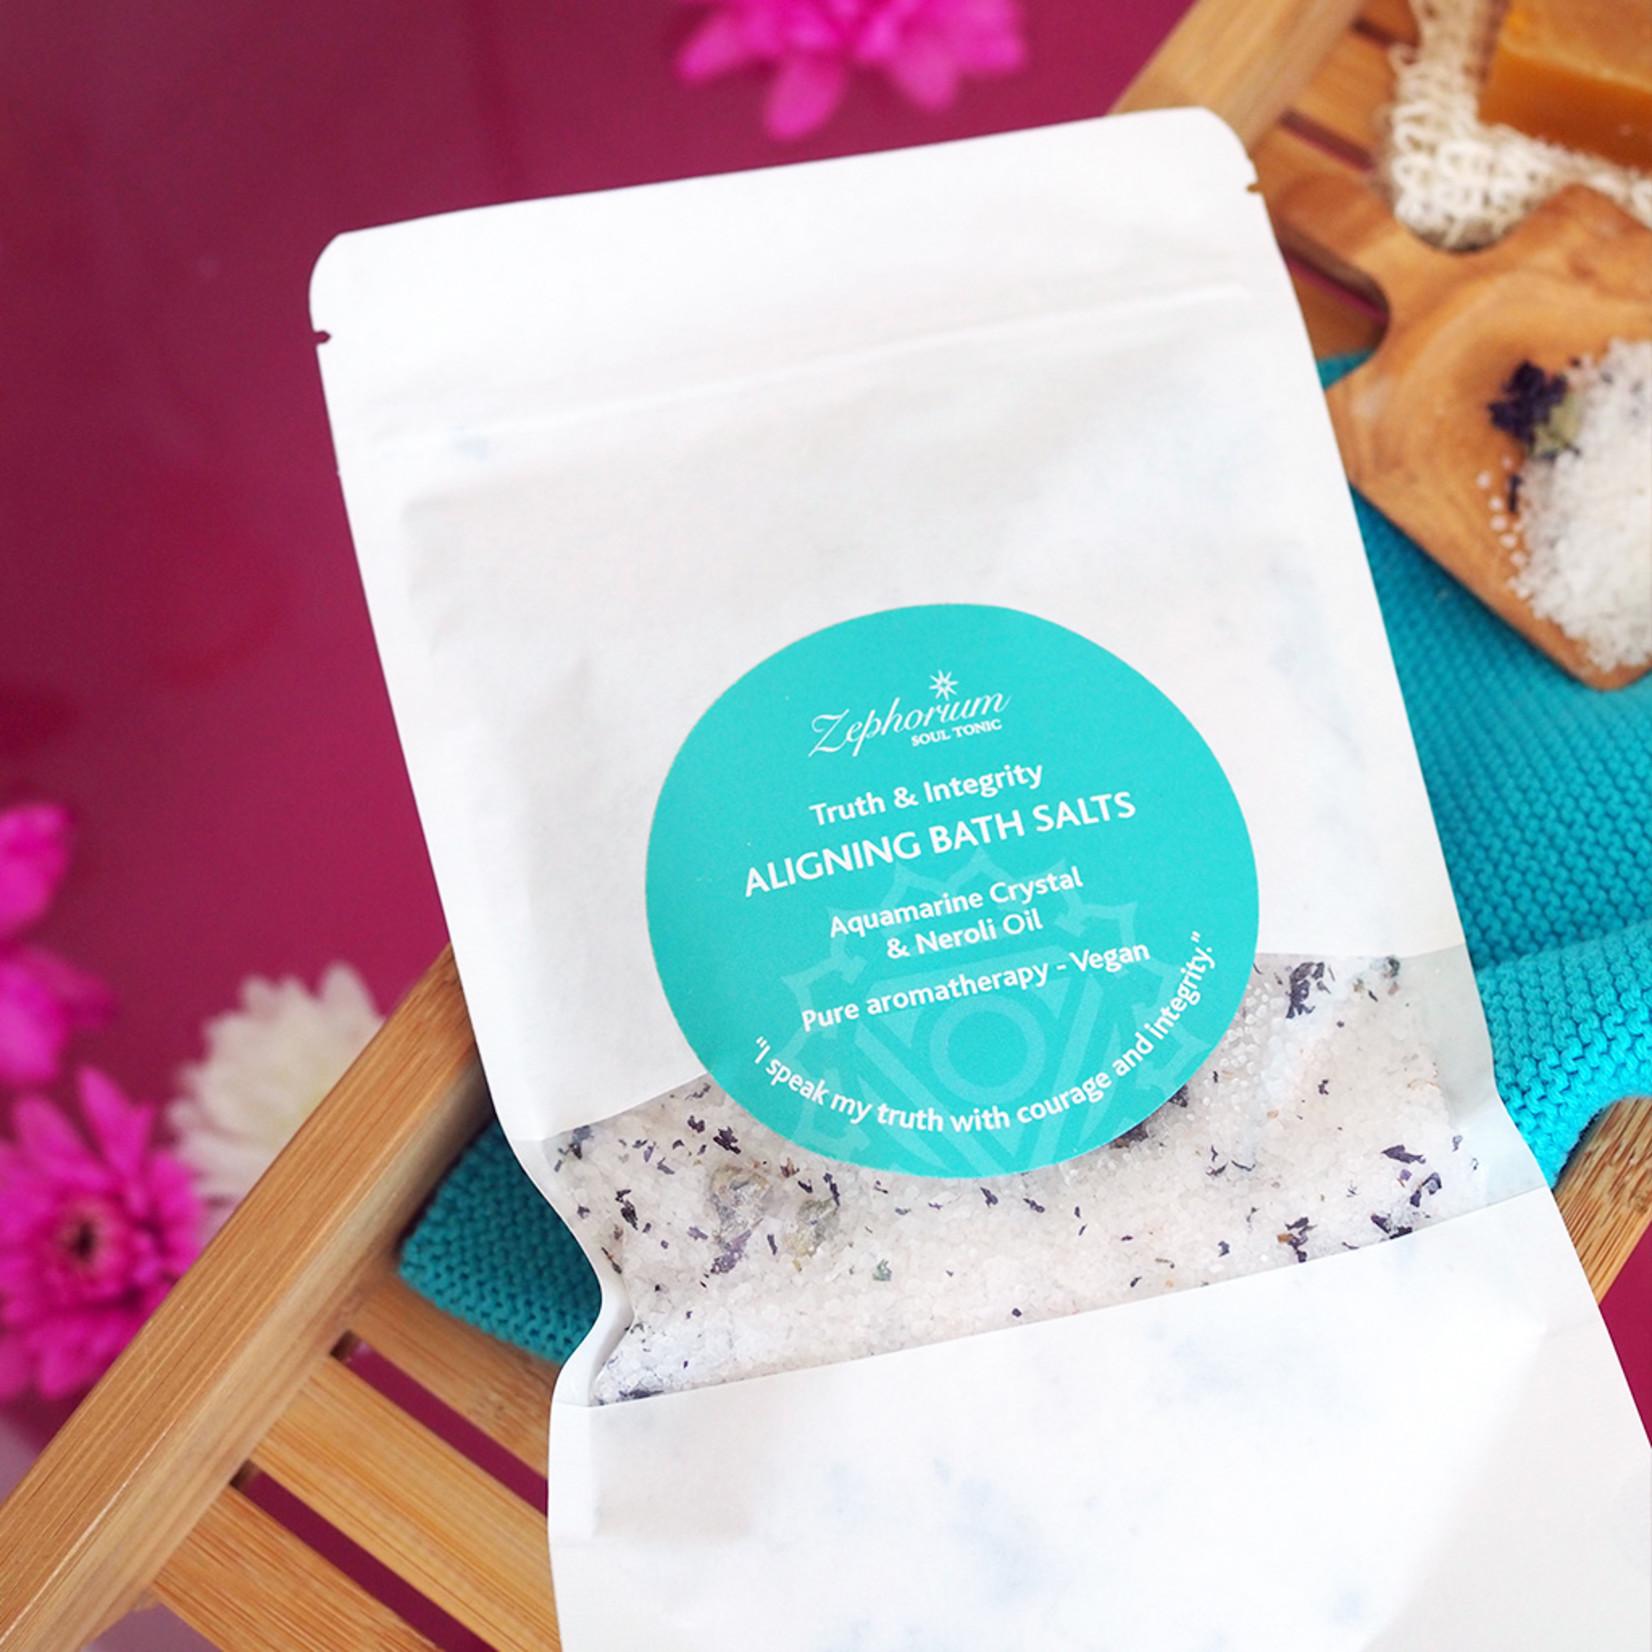 Zephorium Aligning bath salts - aquamarine